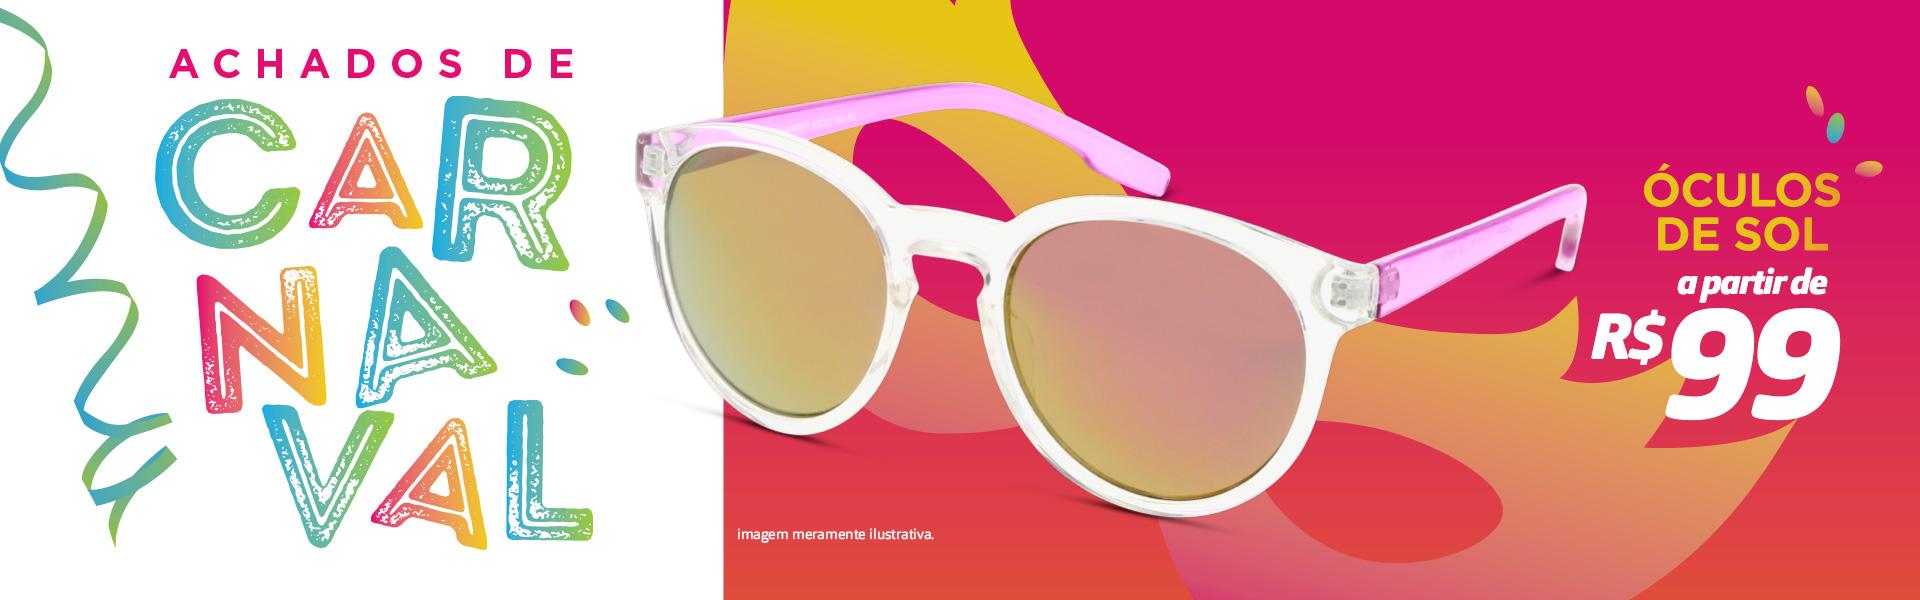 Banner - Carnaval Achados de Oculos